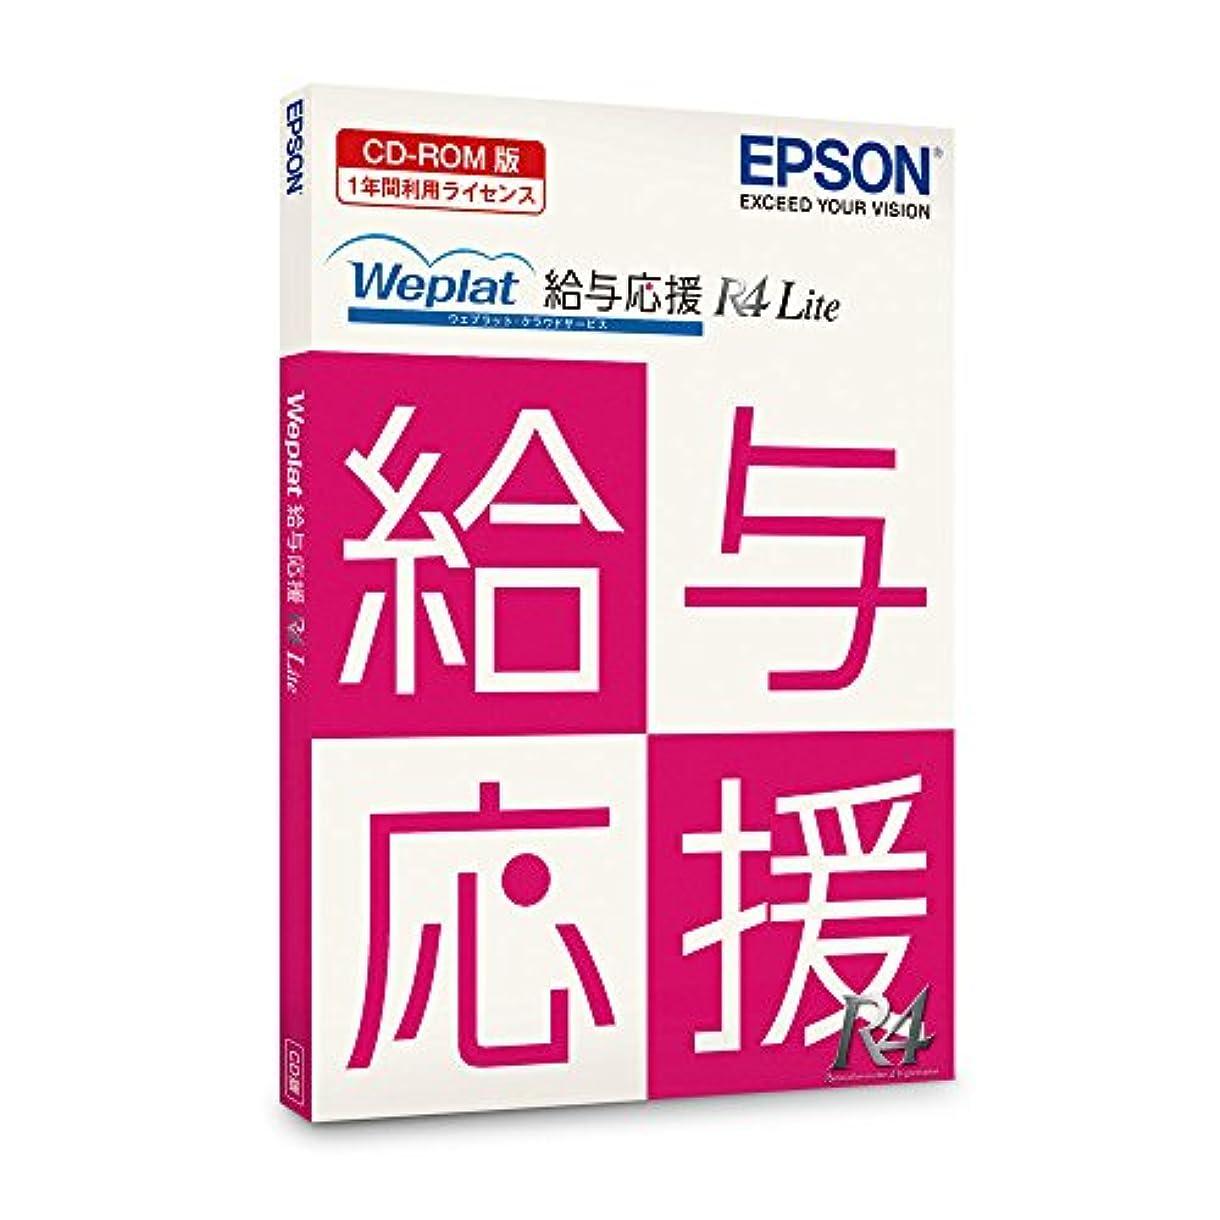 私たち気配りのある混合【旧商品】エプソン Weplat給与応援 R4 Lite | CD版